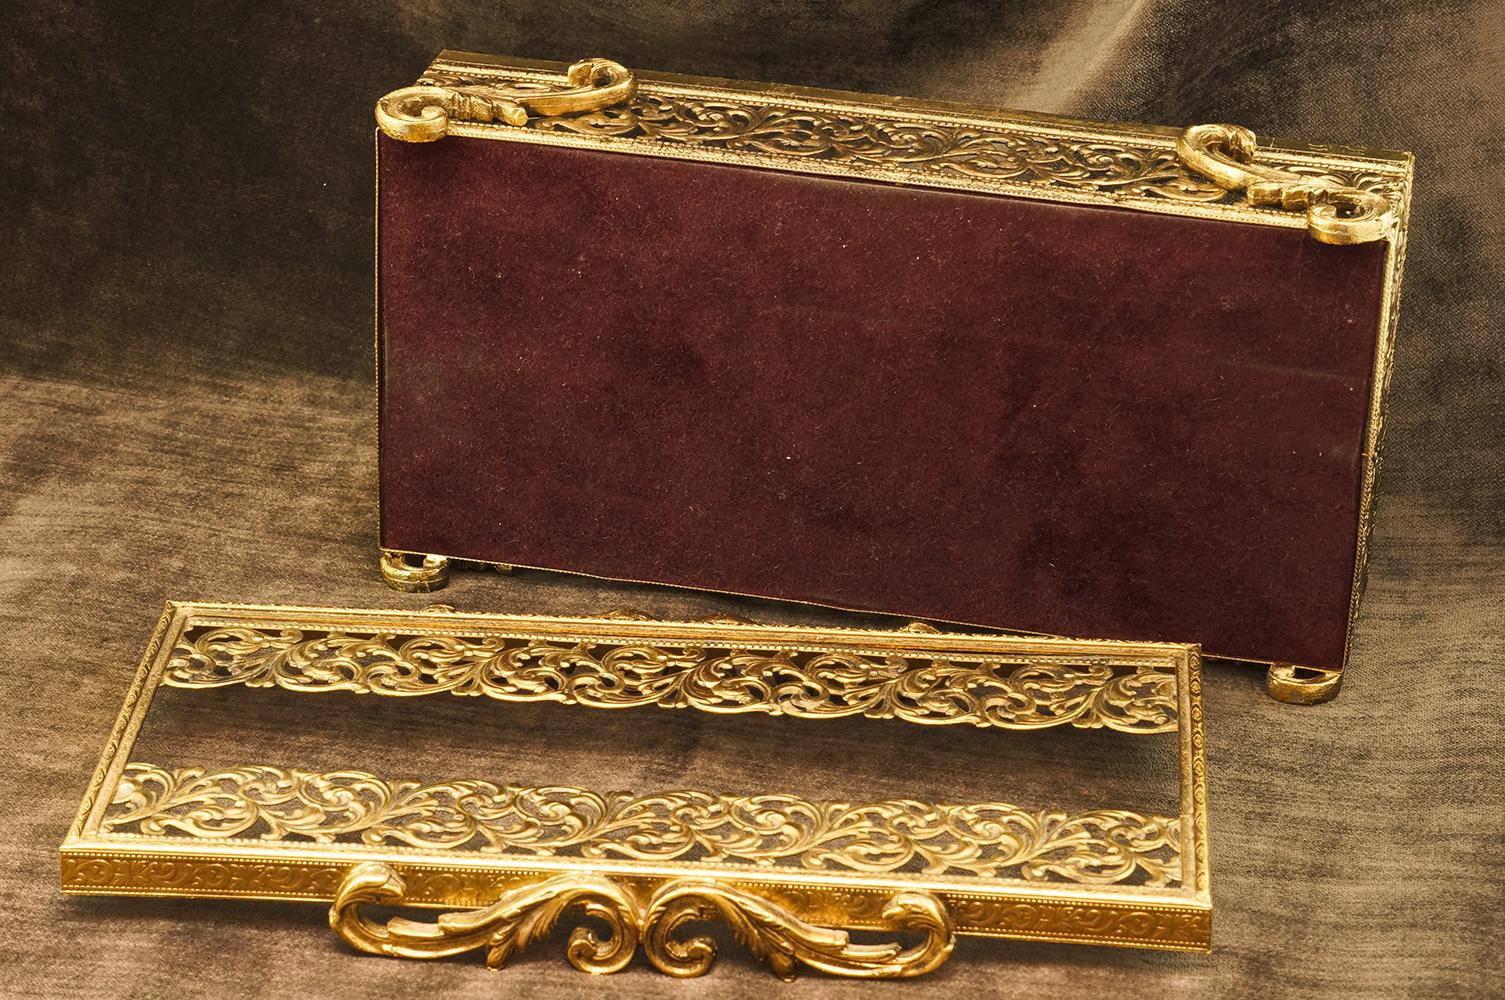 スタイルビルト製 ゴールド クラシカルリーフ ティッシュボックス 裏側